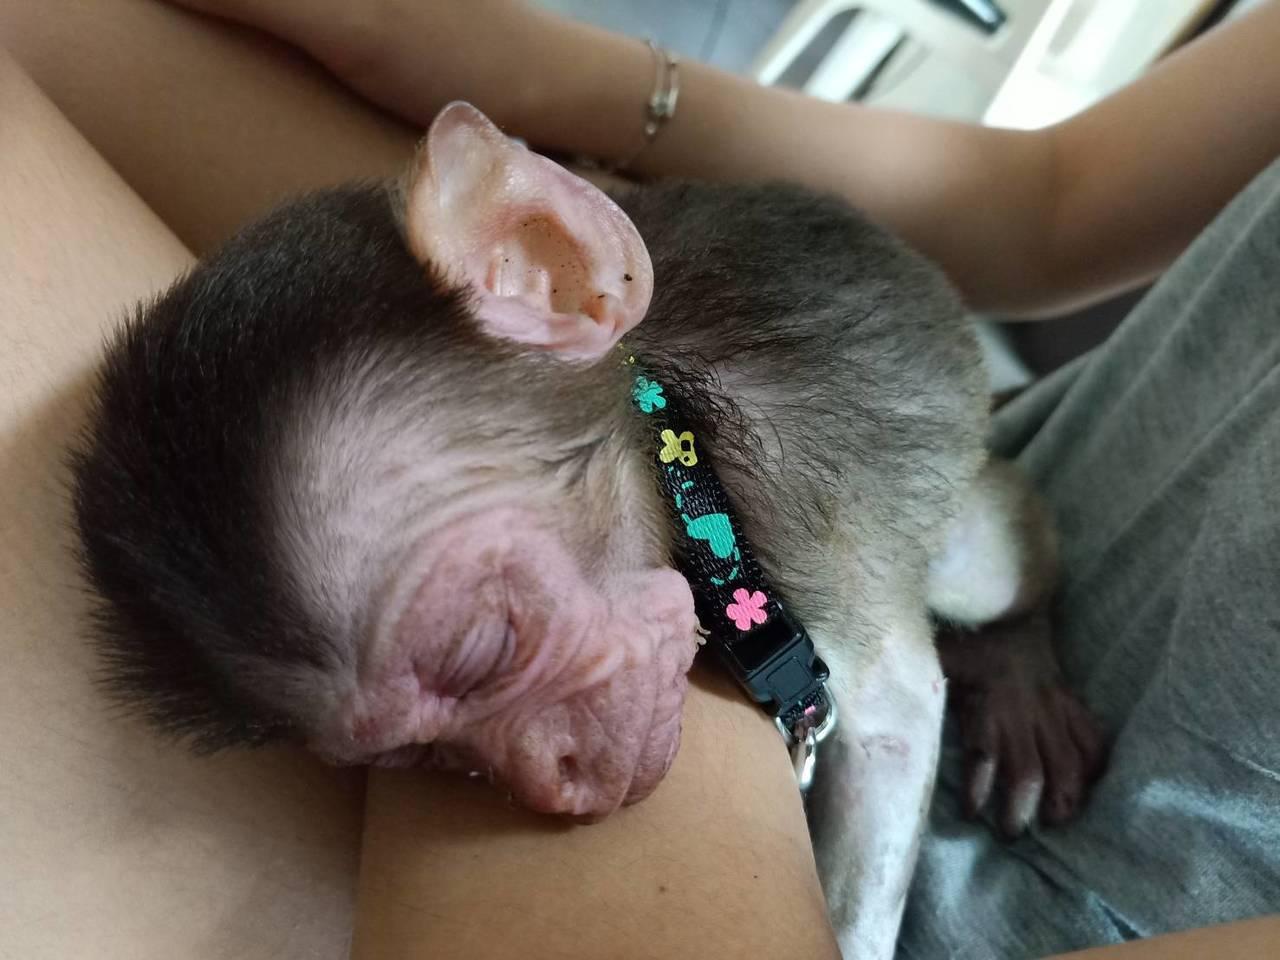 一隻約1個月大的台灣獼猴因母猴遭電殛成了孤兒,苗栗縣政府農業處收容照顧牠。圖/苗...